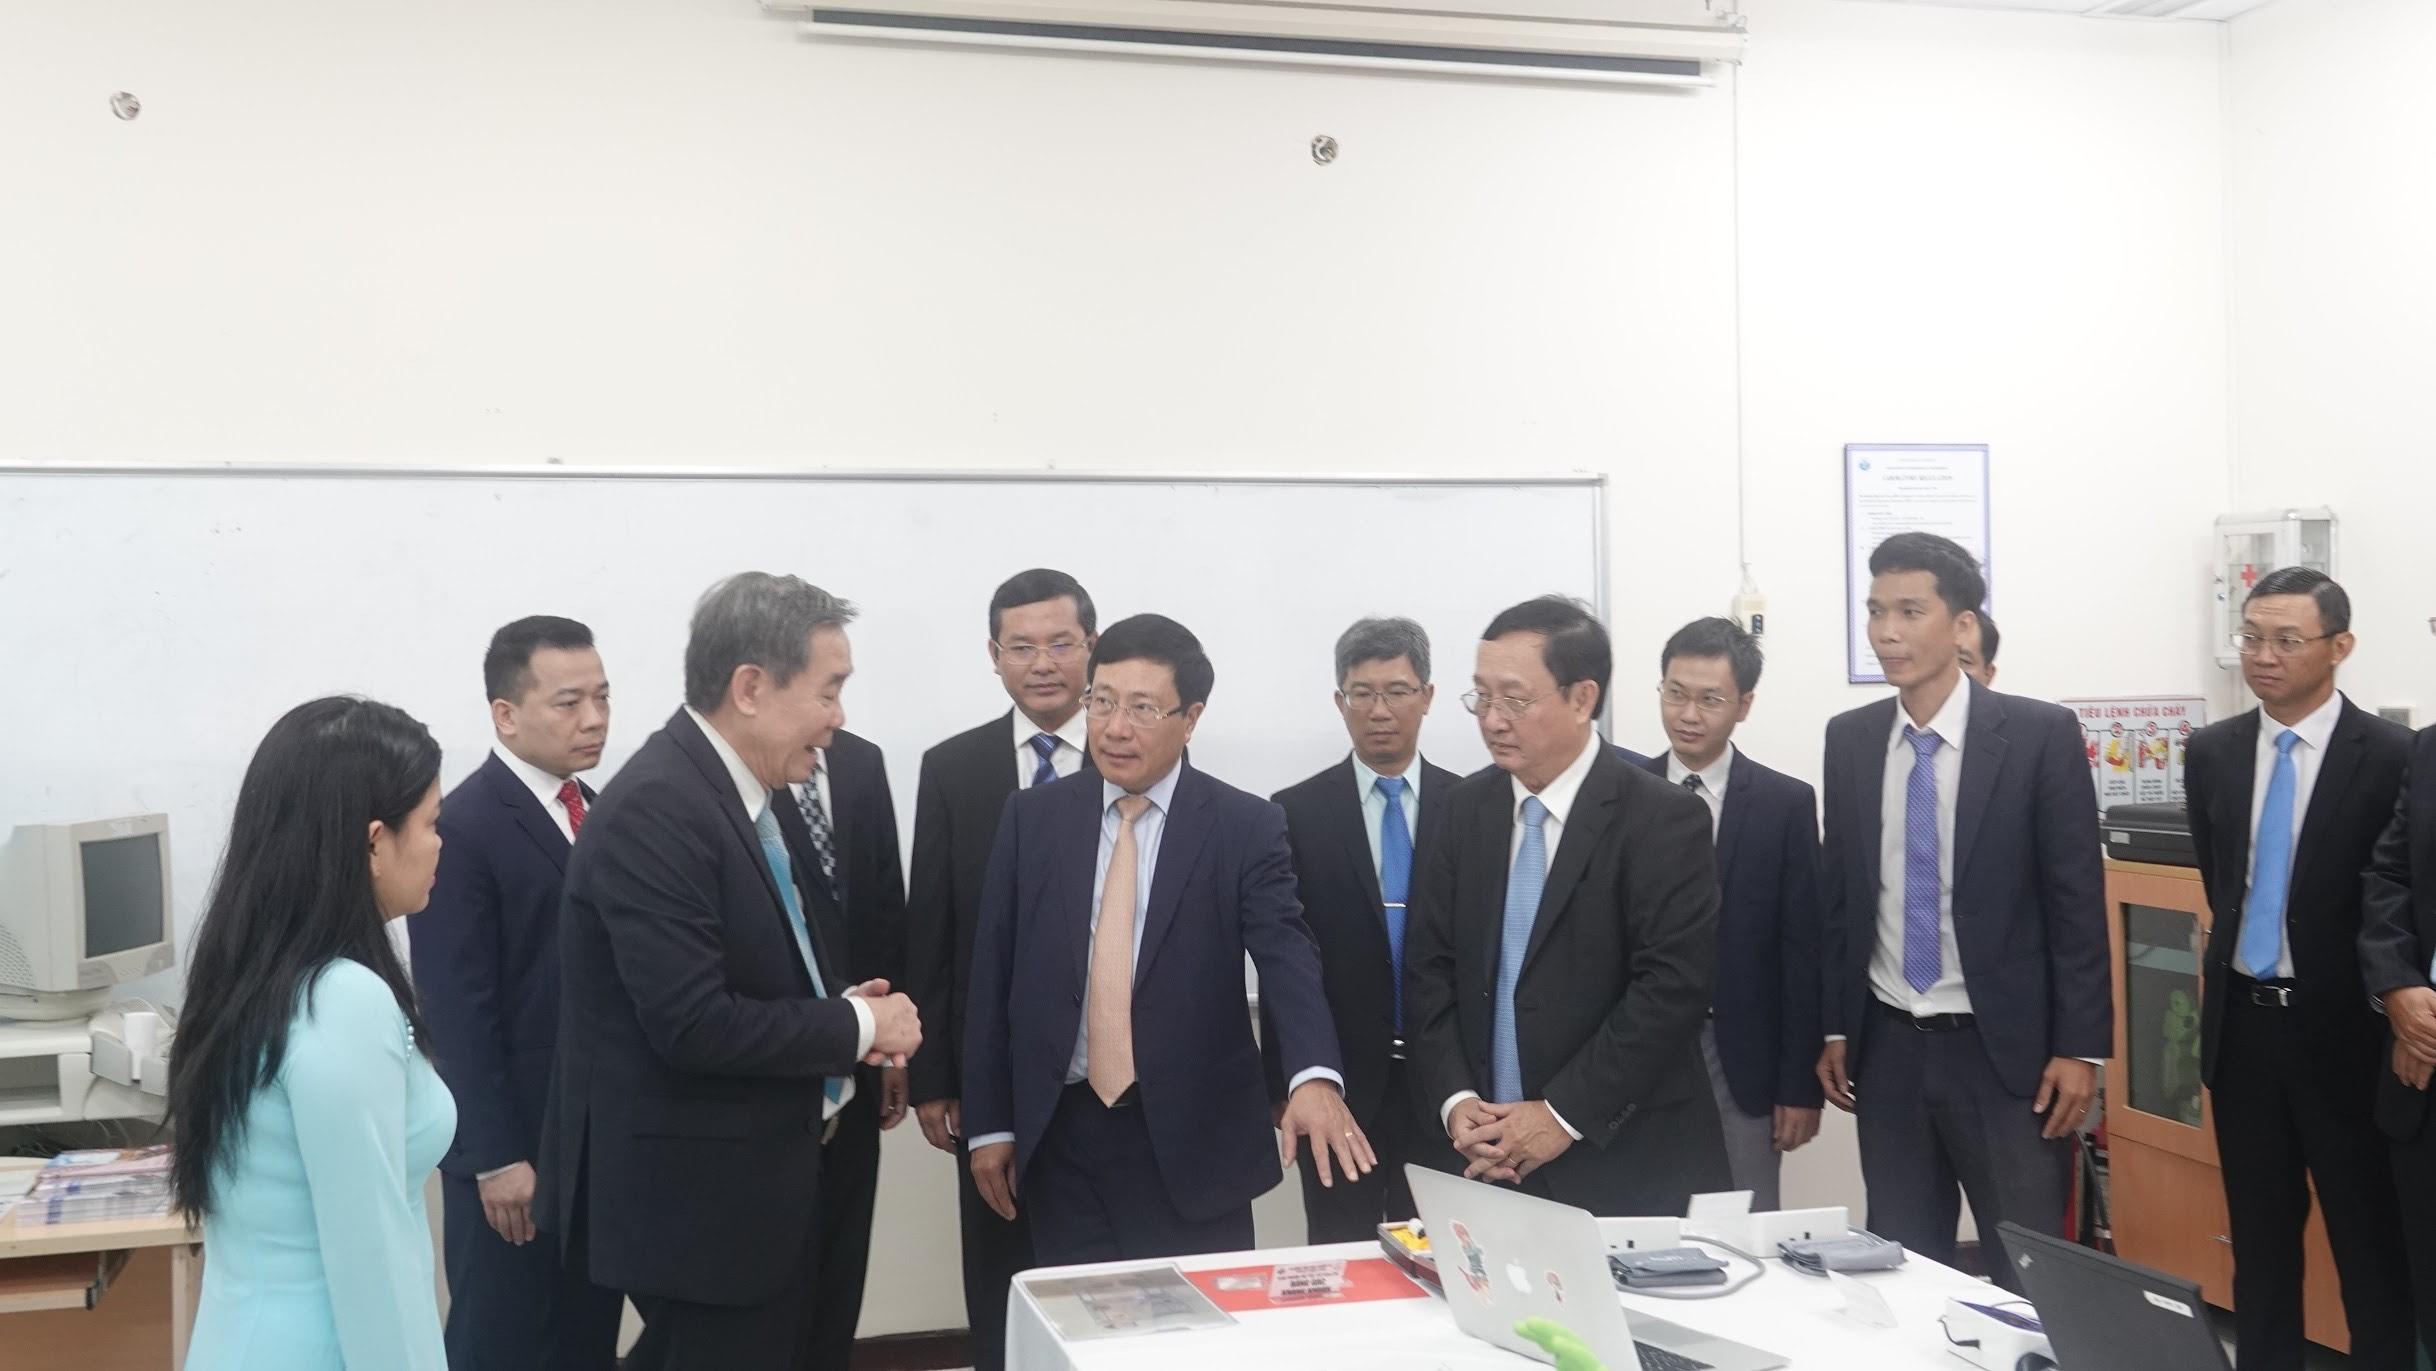 Phó Thủ tướng Phạm Bình Minh quan tâm đến sản phẩm Băng gạc kháng khuẩn và Keo sinh học của Khoa KTYS